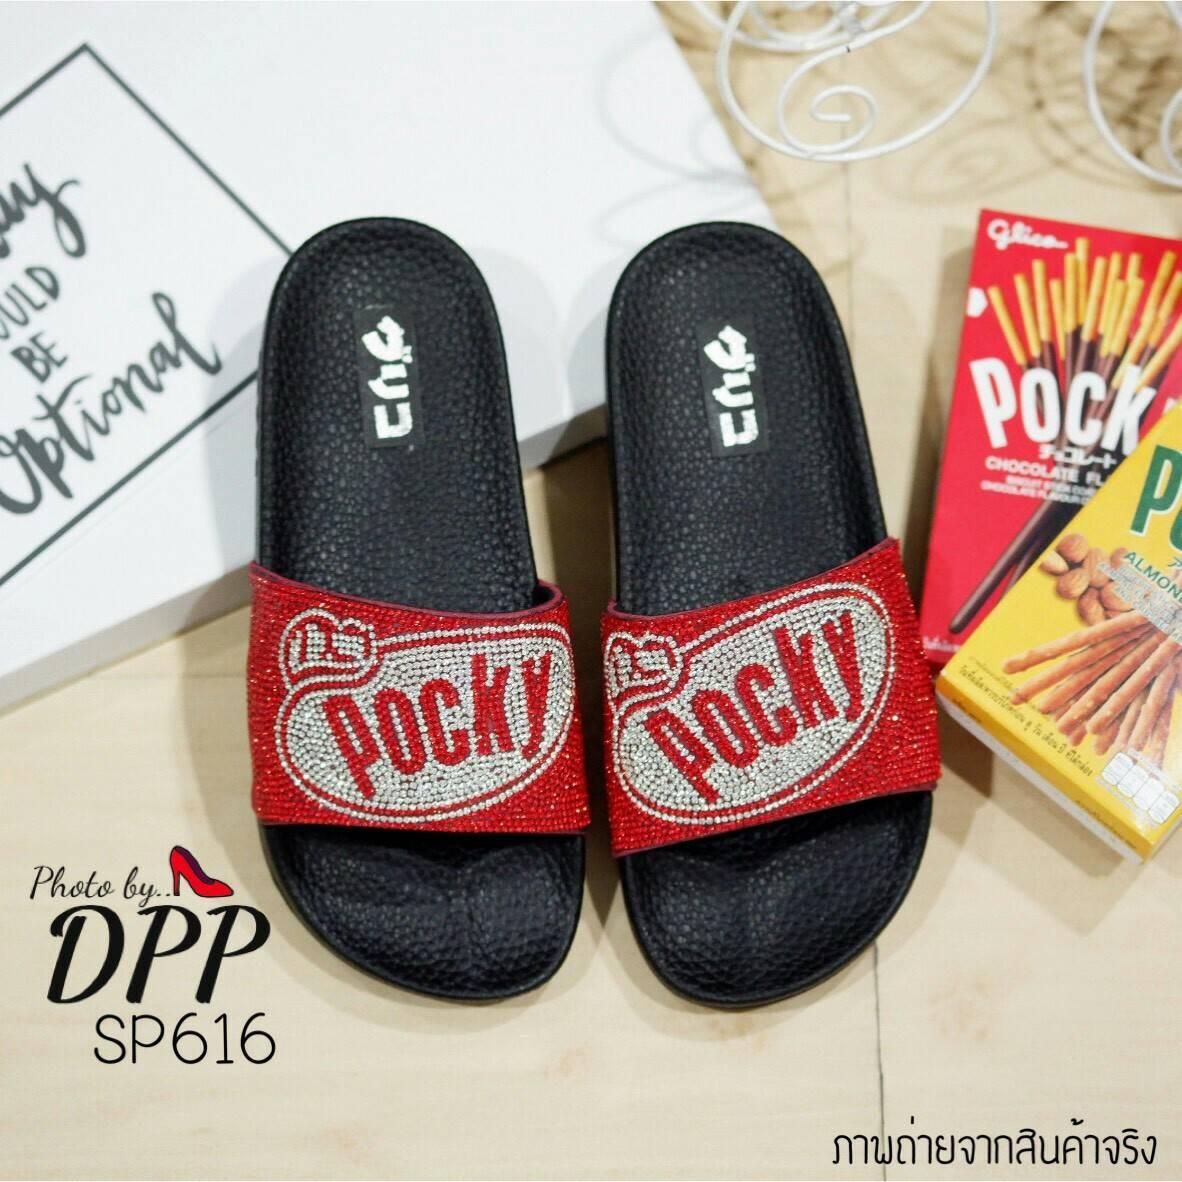 รองเท้าแตะแฟชั่นสีแดง แบบสวม POCKY slippers (สีแดง )